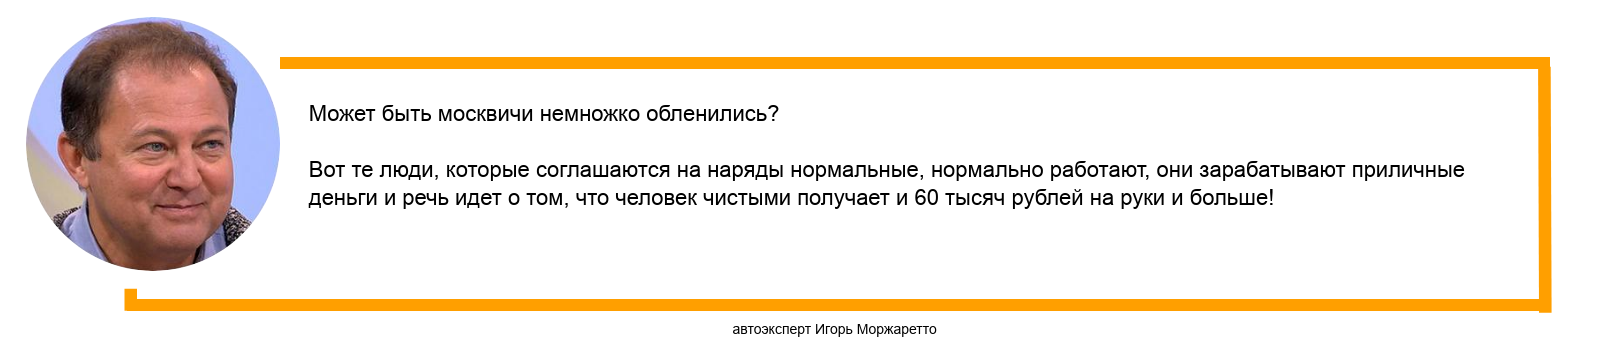 Игорь Маржетто про такси